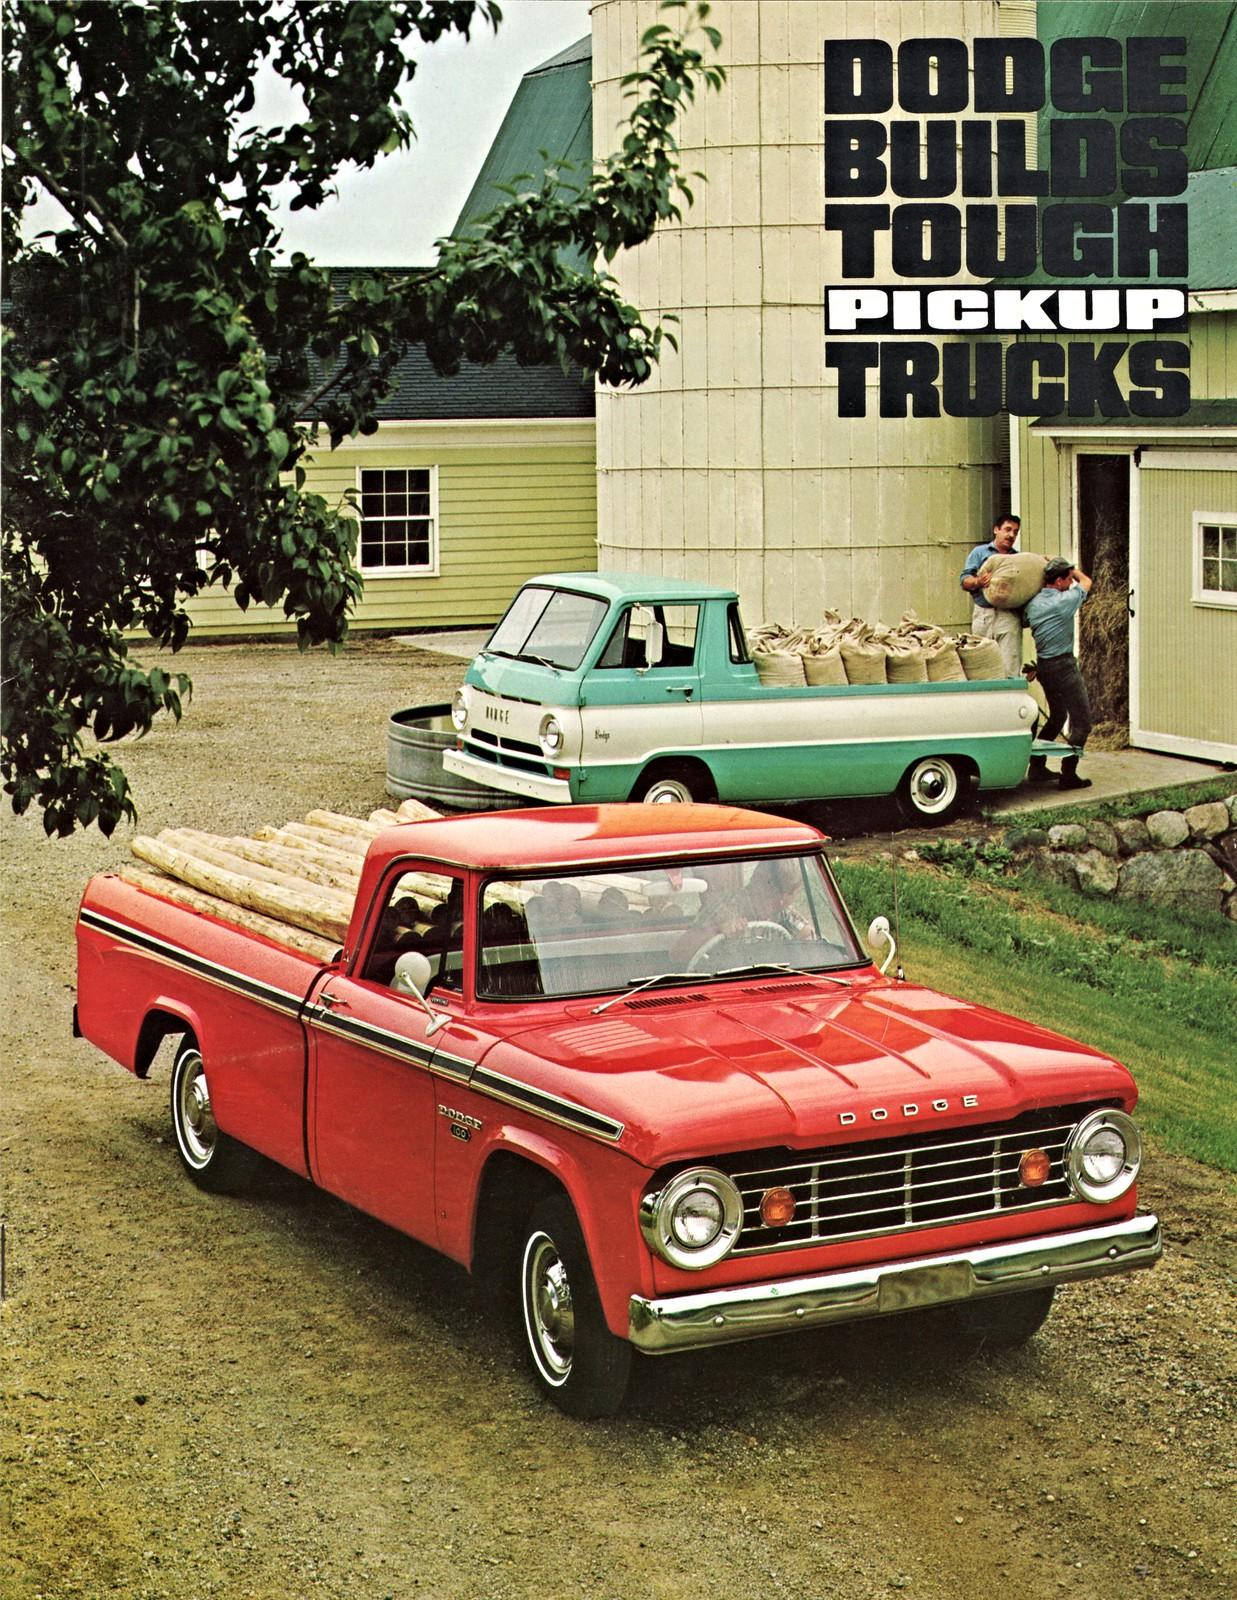 1967 Dodge Pickup Trucks